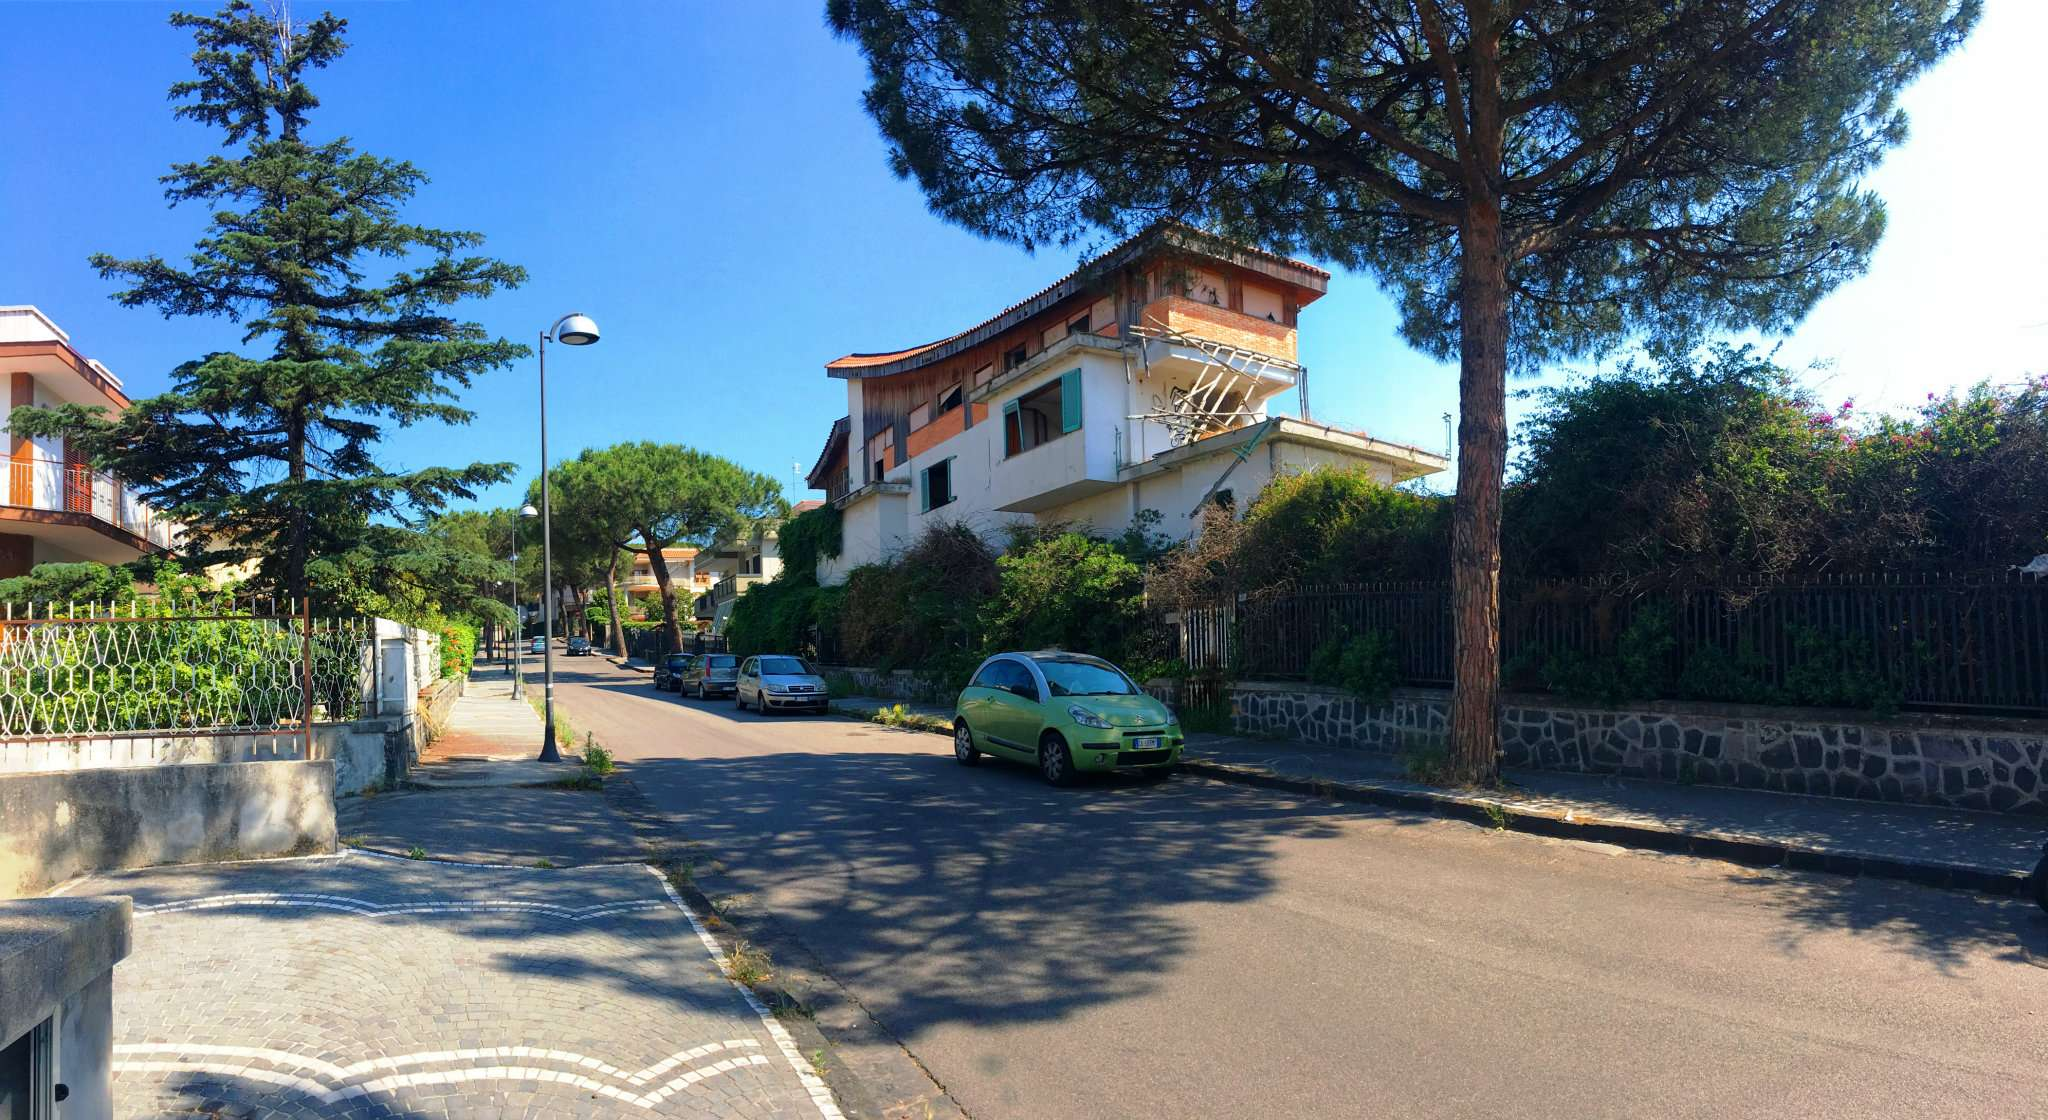 Appartamento in vendita a San Sebastiano al Vesuvio, 5 locali, prezzo € 245.000 | Cambio Casa.it